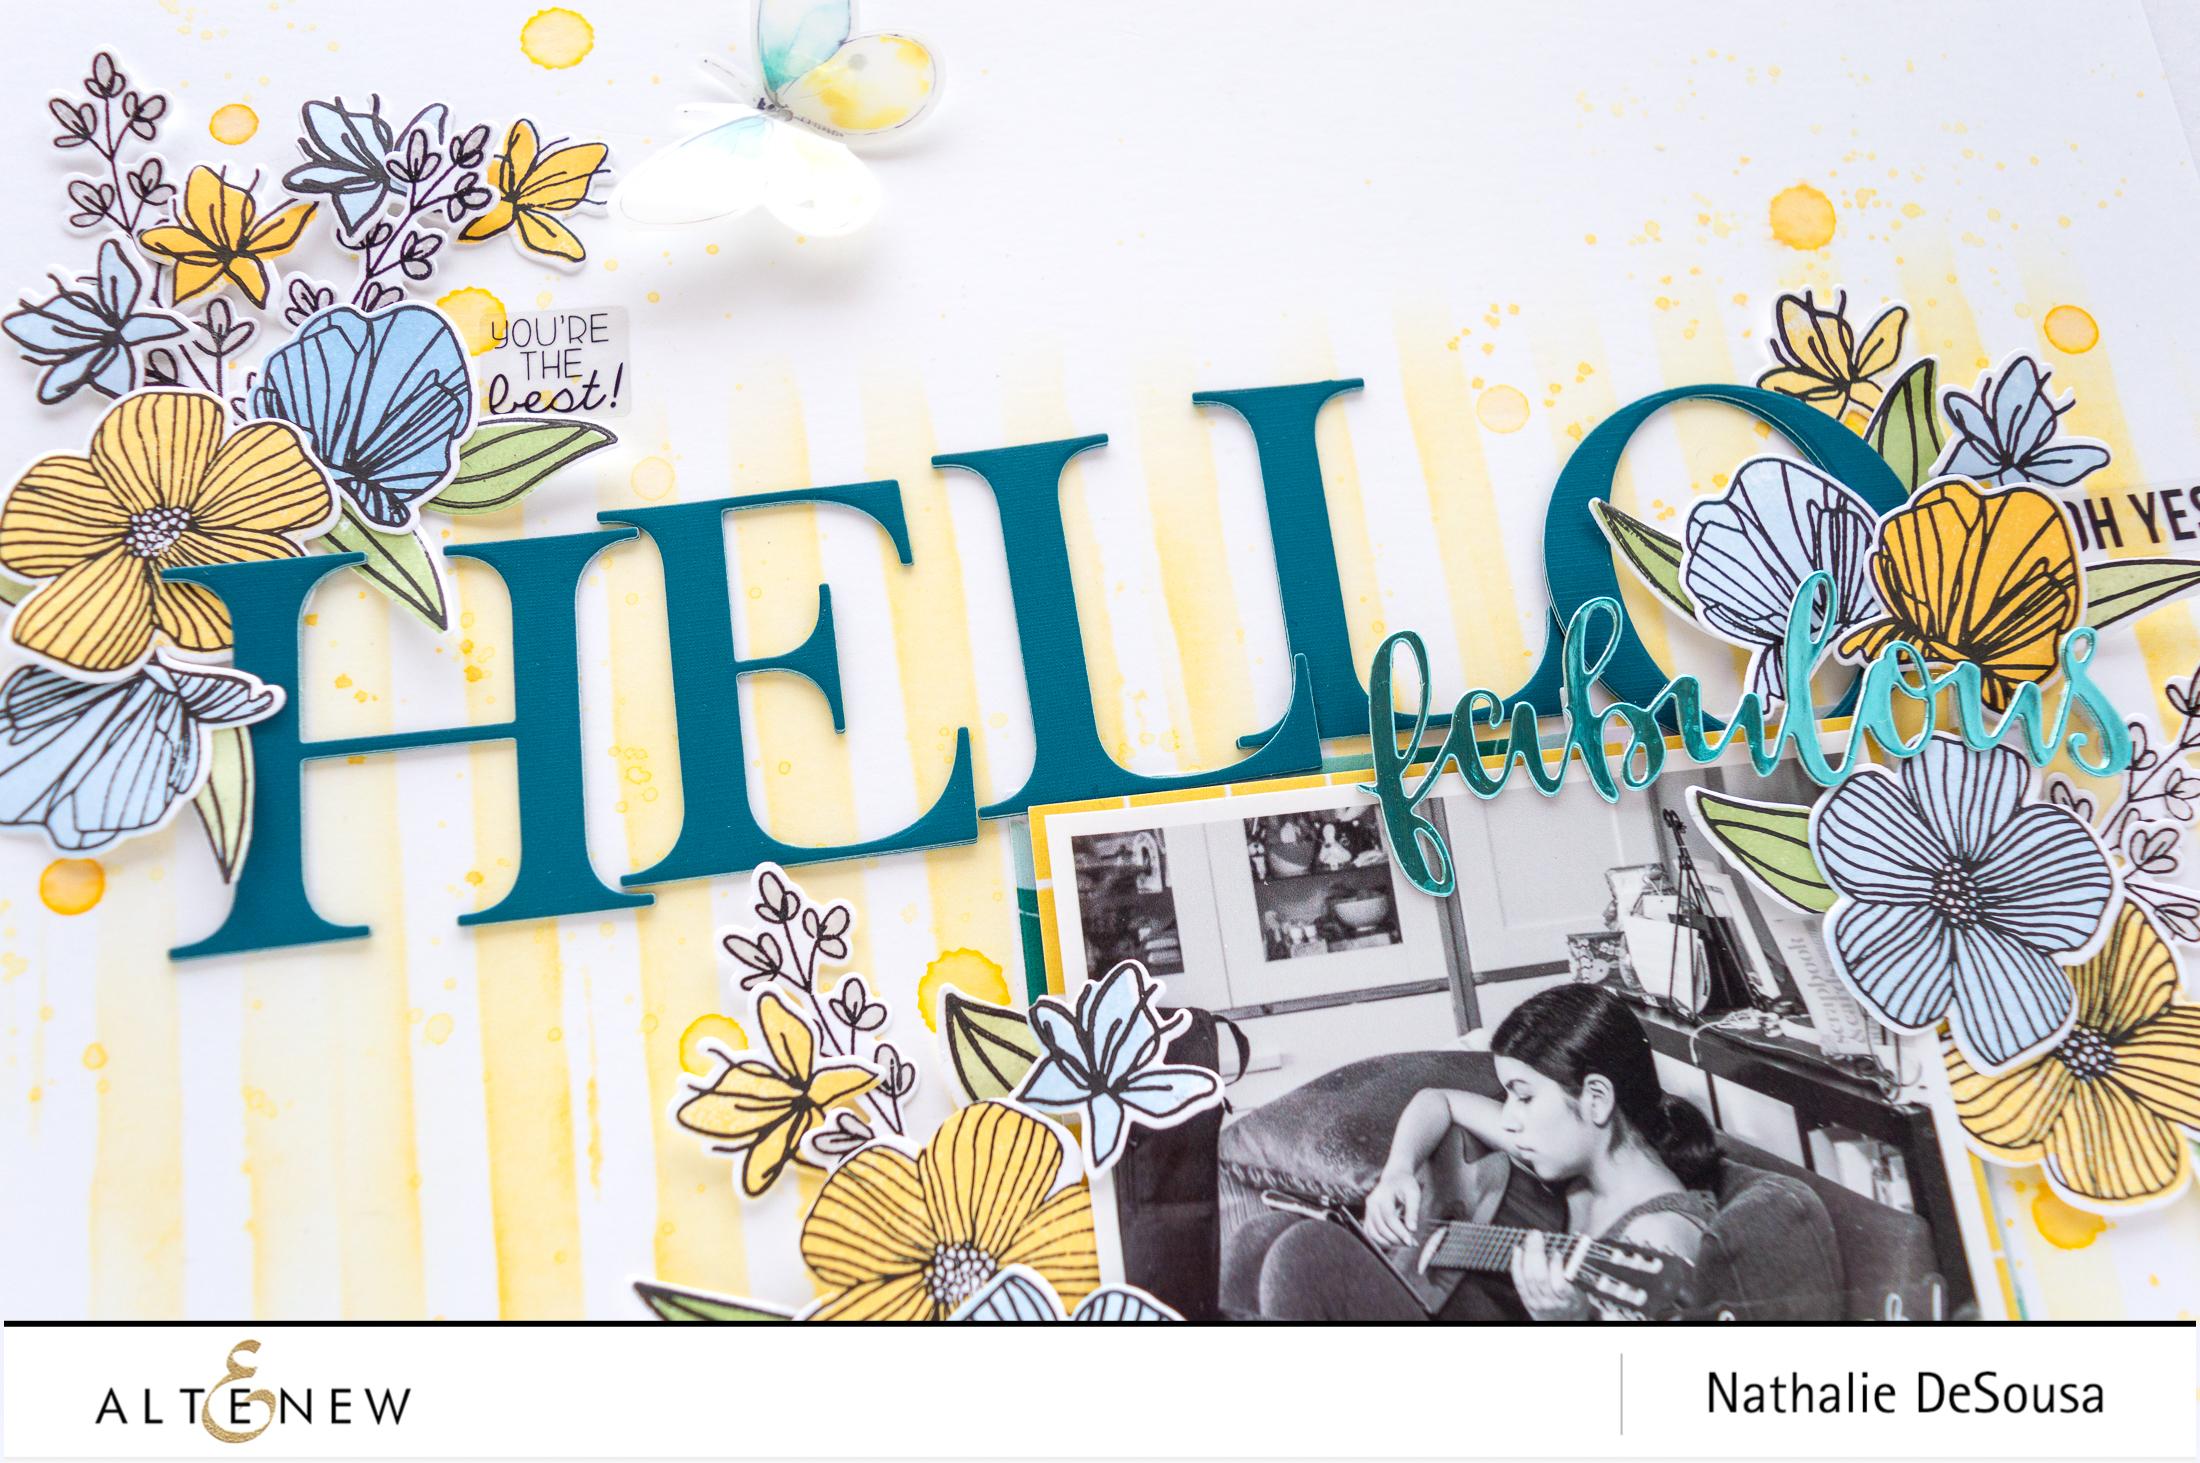 HELLO FABULOUS by Nathalie DeSousa for @altenew